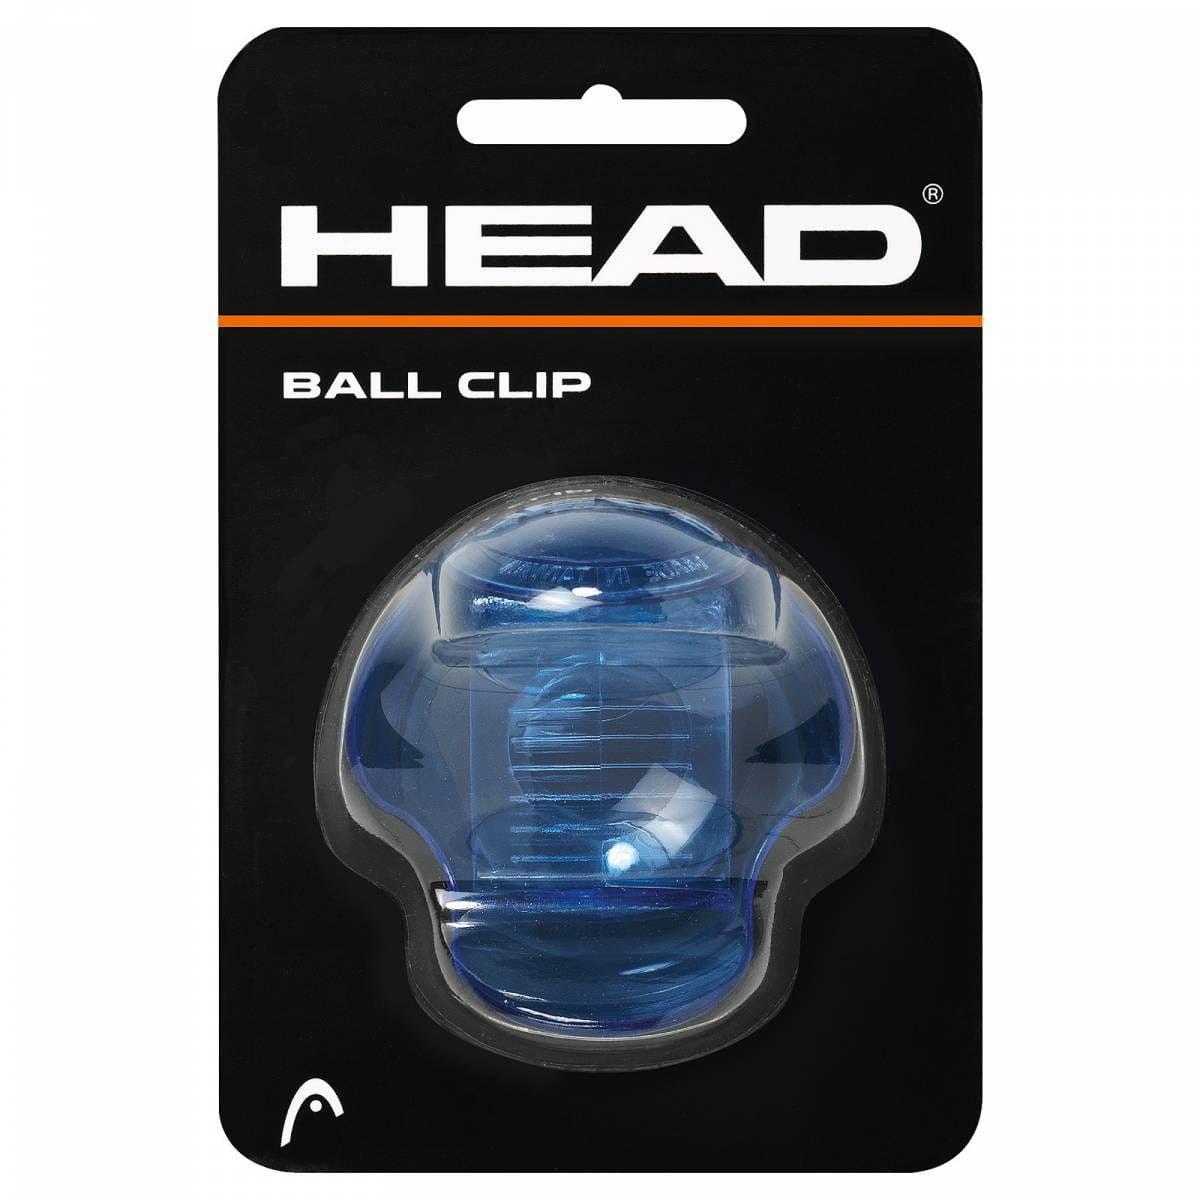 Head New Ball Clip - blue